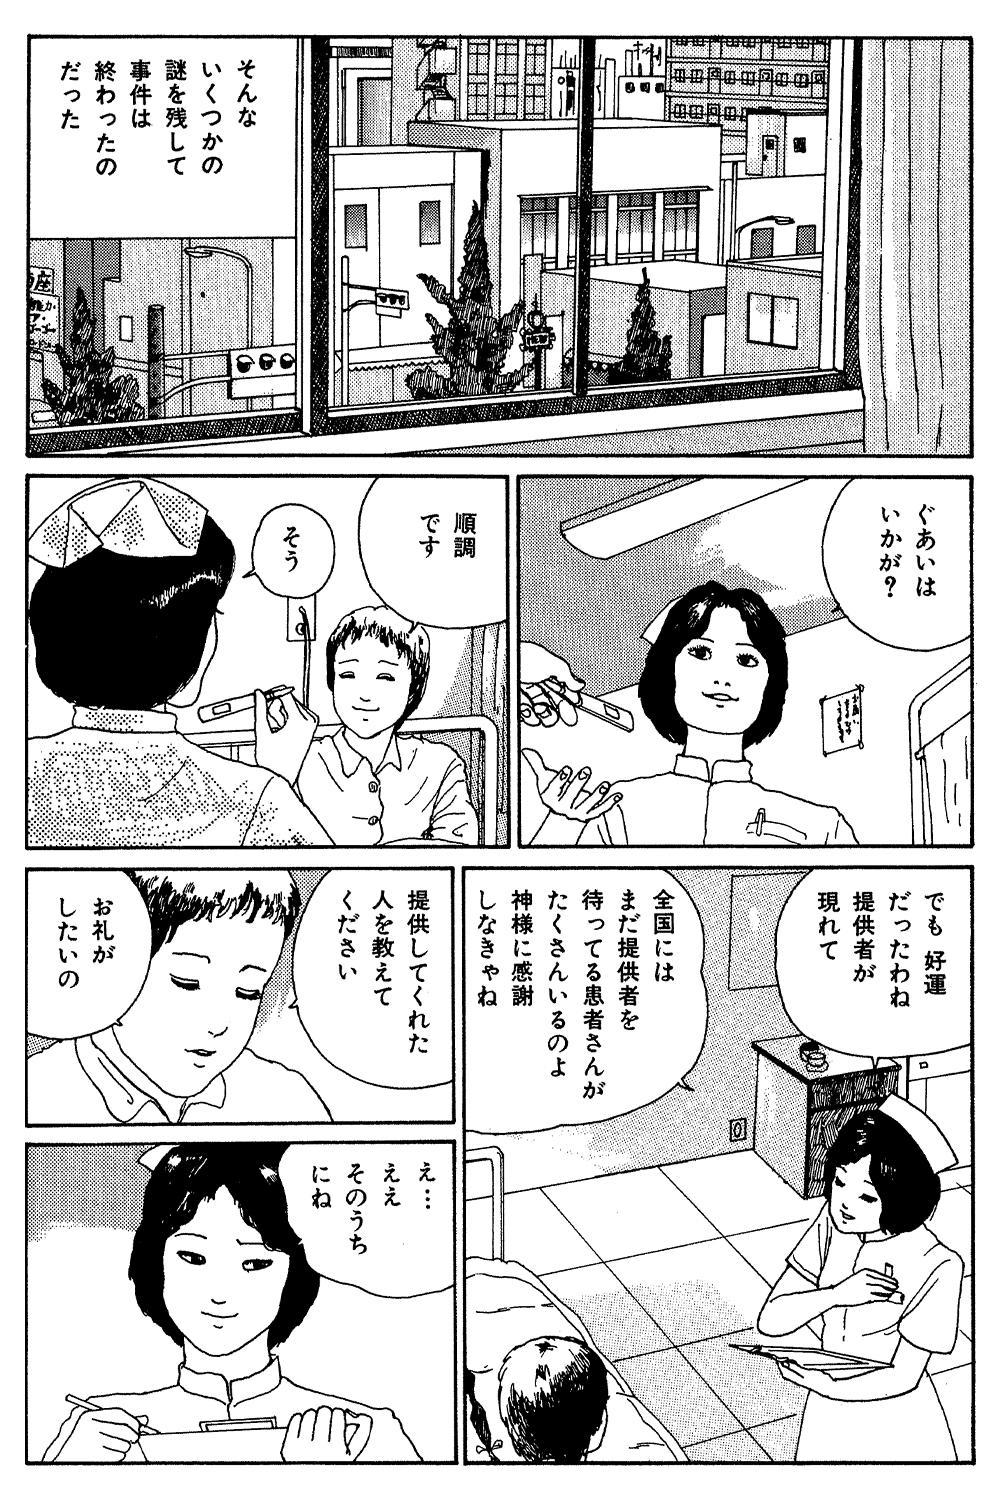 伊藤潤二傑作集 第2話「富江 森田病院編」②itojunji05-11.jpg